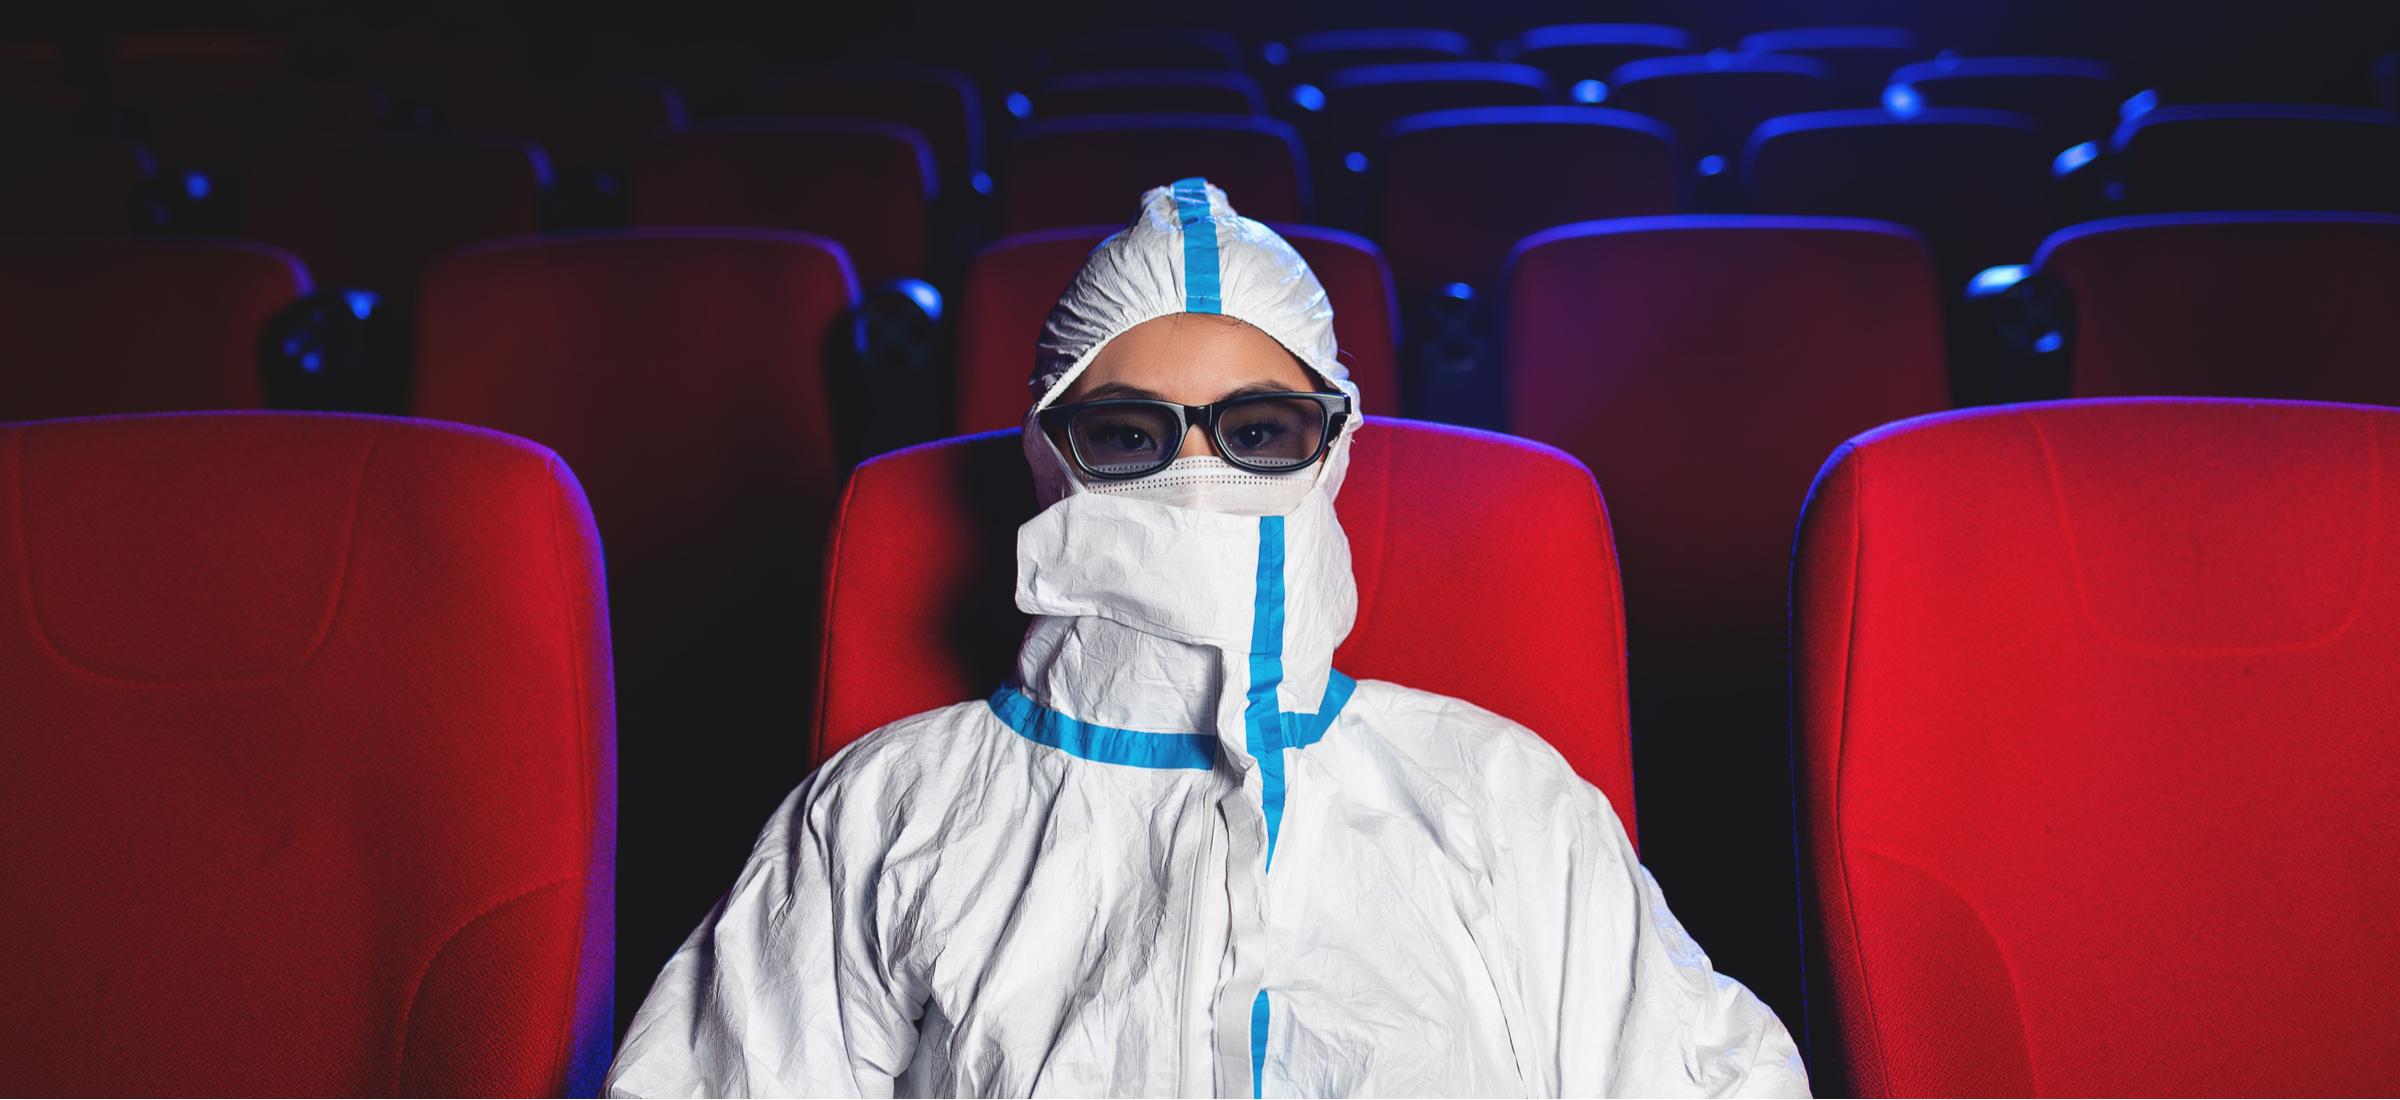 NIEPOPULARNA OPINIA #6: Równoczesna premiera w kinach i na VOD nie zabije kin. Skończcie z tymi apokaliptycznymi wizjami